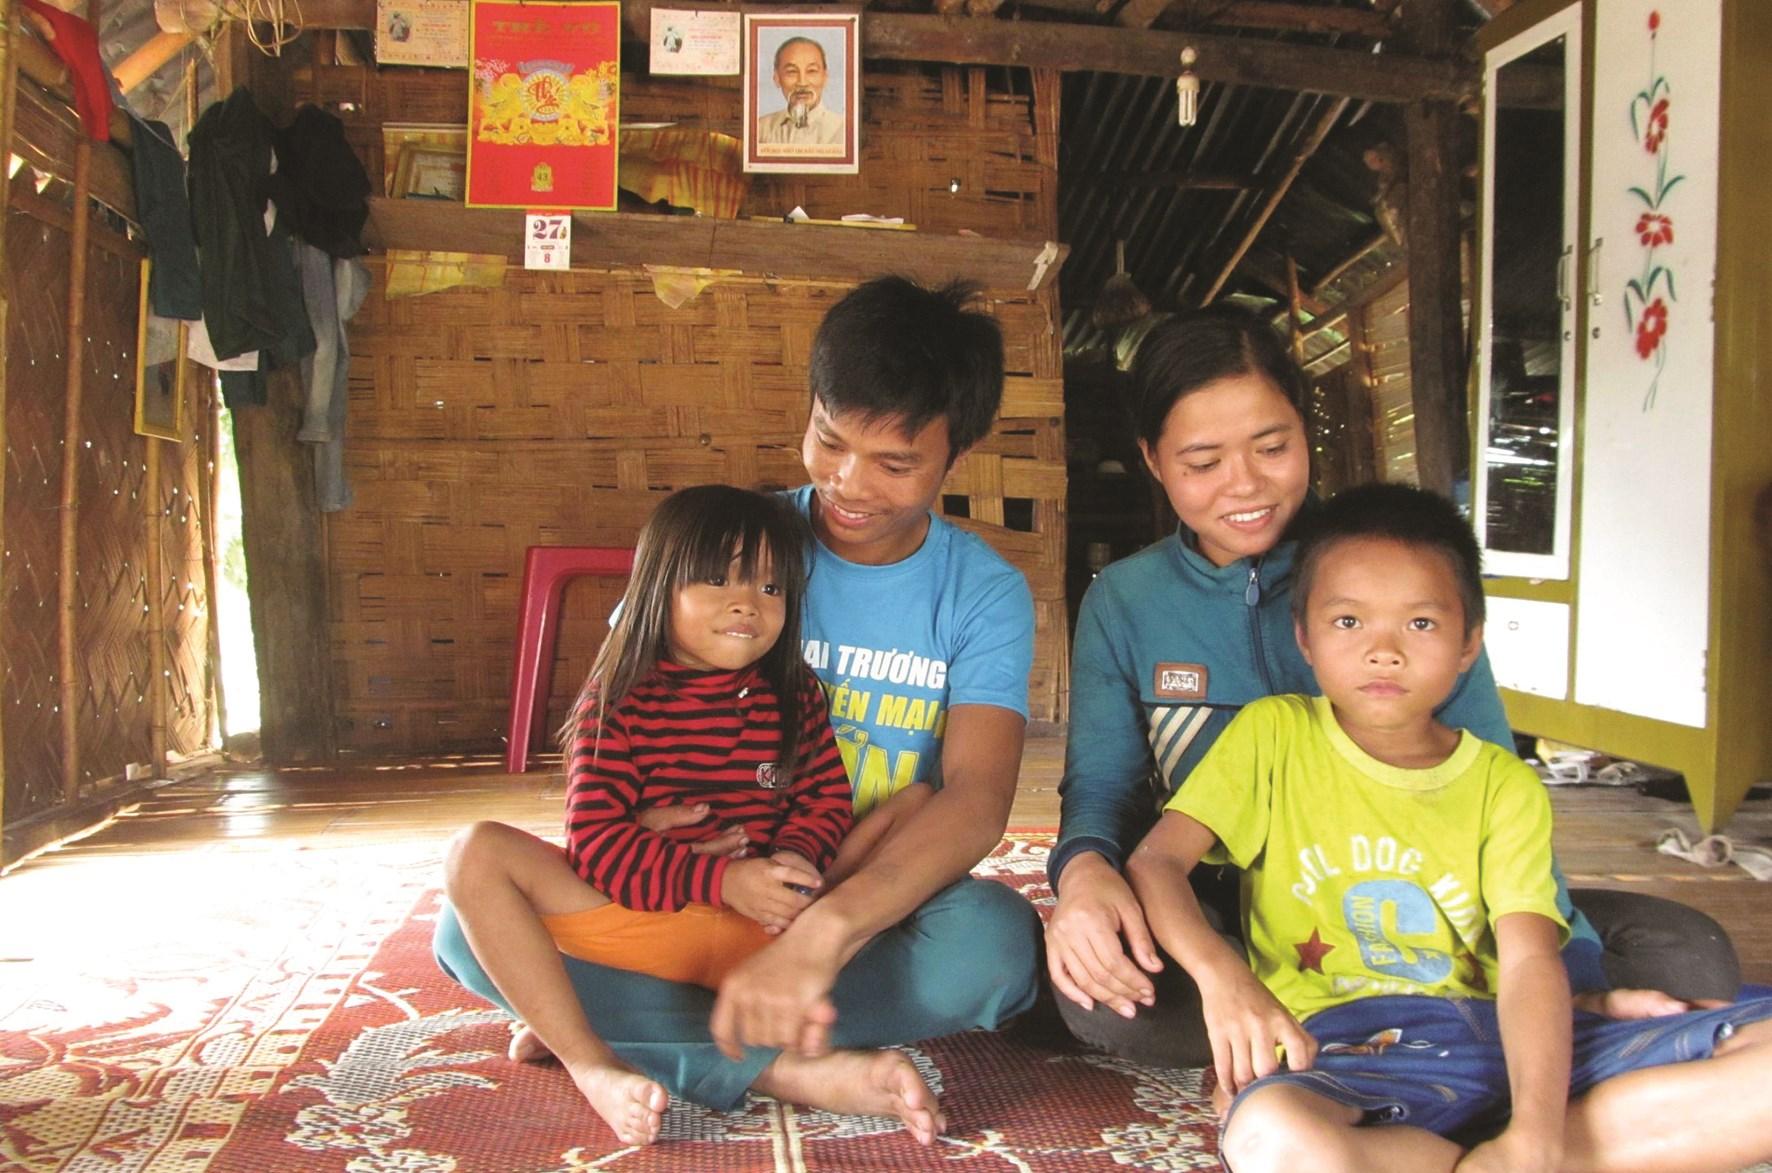 Thực hiện tốt bình đẳng giới sẽ giúp các gia đình hạnh phúc